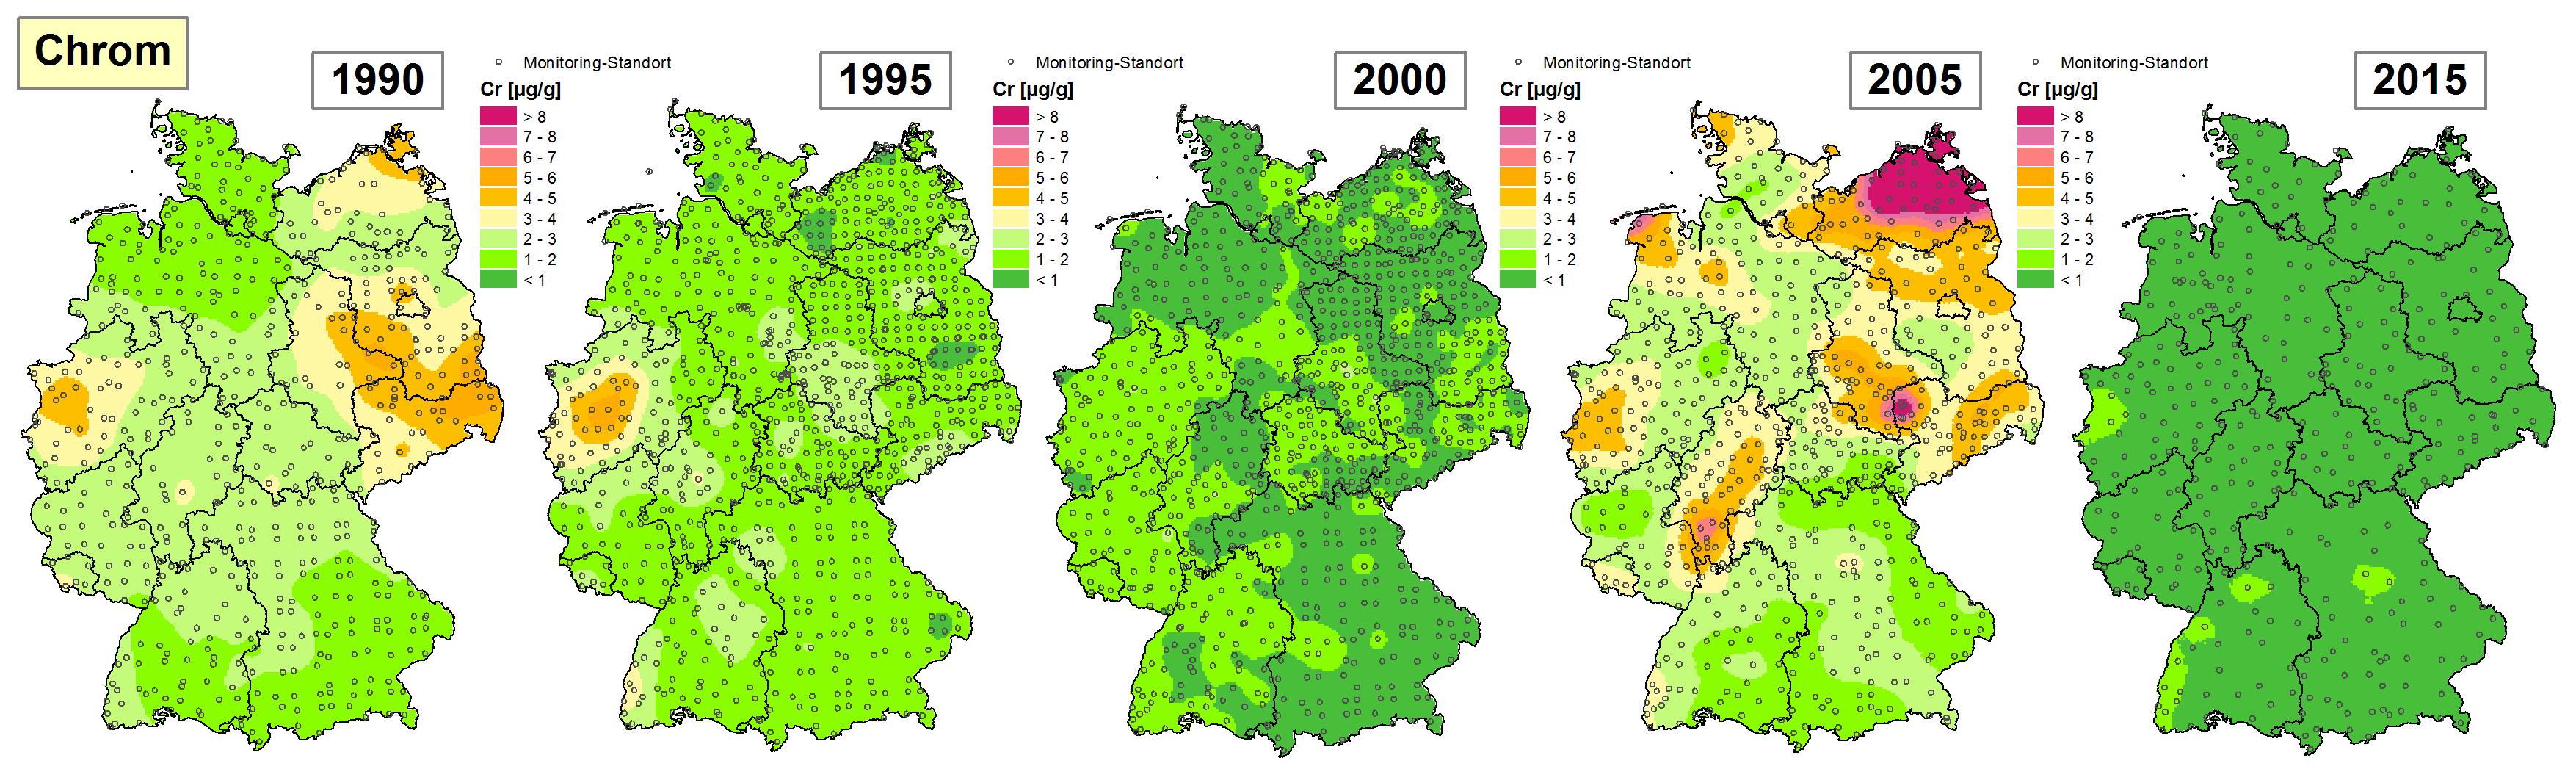 Die Grafik zeigt die Höhe der Bioakkumulation von Chrom und Entwicklung dieser Konzentration von 1990 bis 2015/16 in Deutschland.